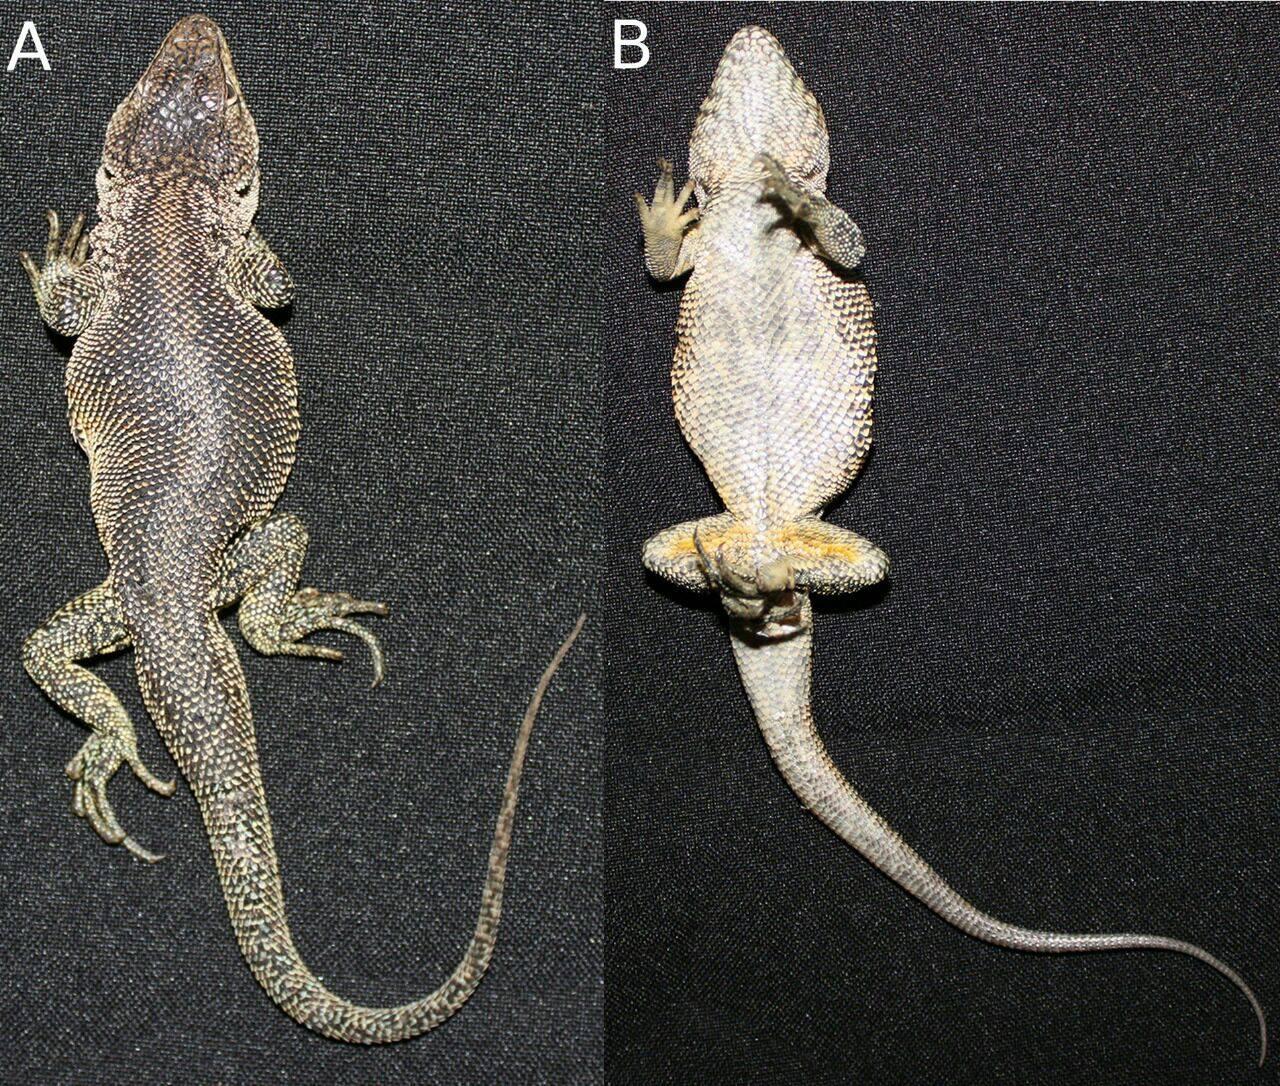 nuevas especies en Perú La Liolaemus victormoralesii lleva ese nombre en homenaje al herpetólogo peruano Víctor Morales. Foto: César Aguilar.